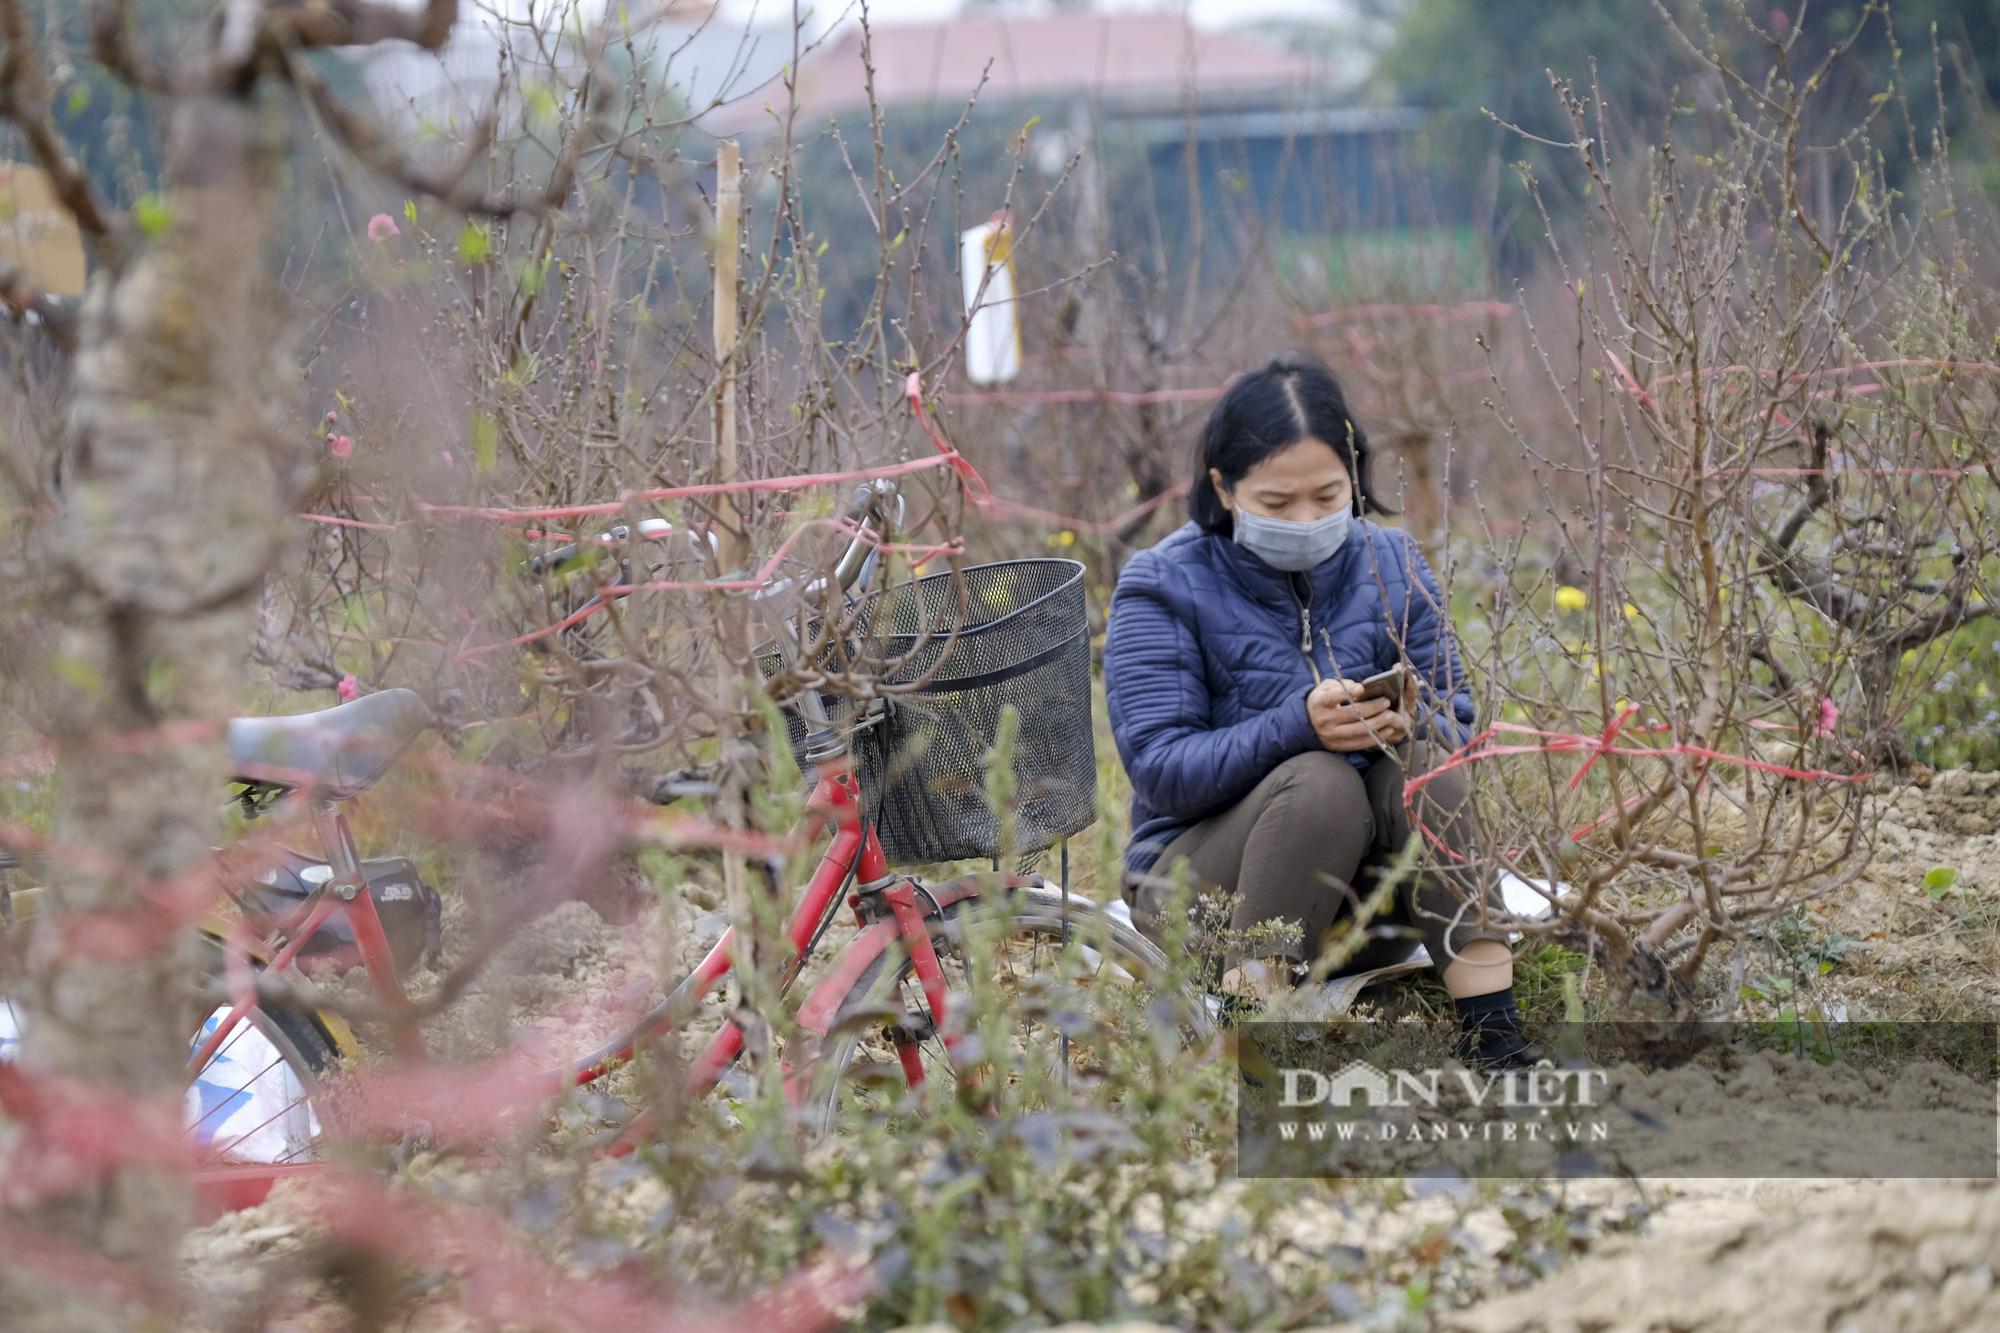 """Dịch COVID-19 khiến nông dân trồng đào Hải Dương """"đứng ngồi không yên"""" khi tết cận kề - Ảnh 2."""